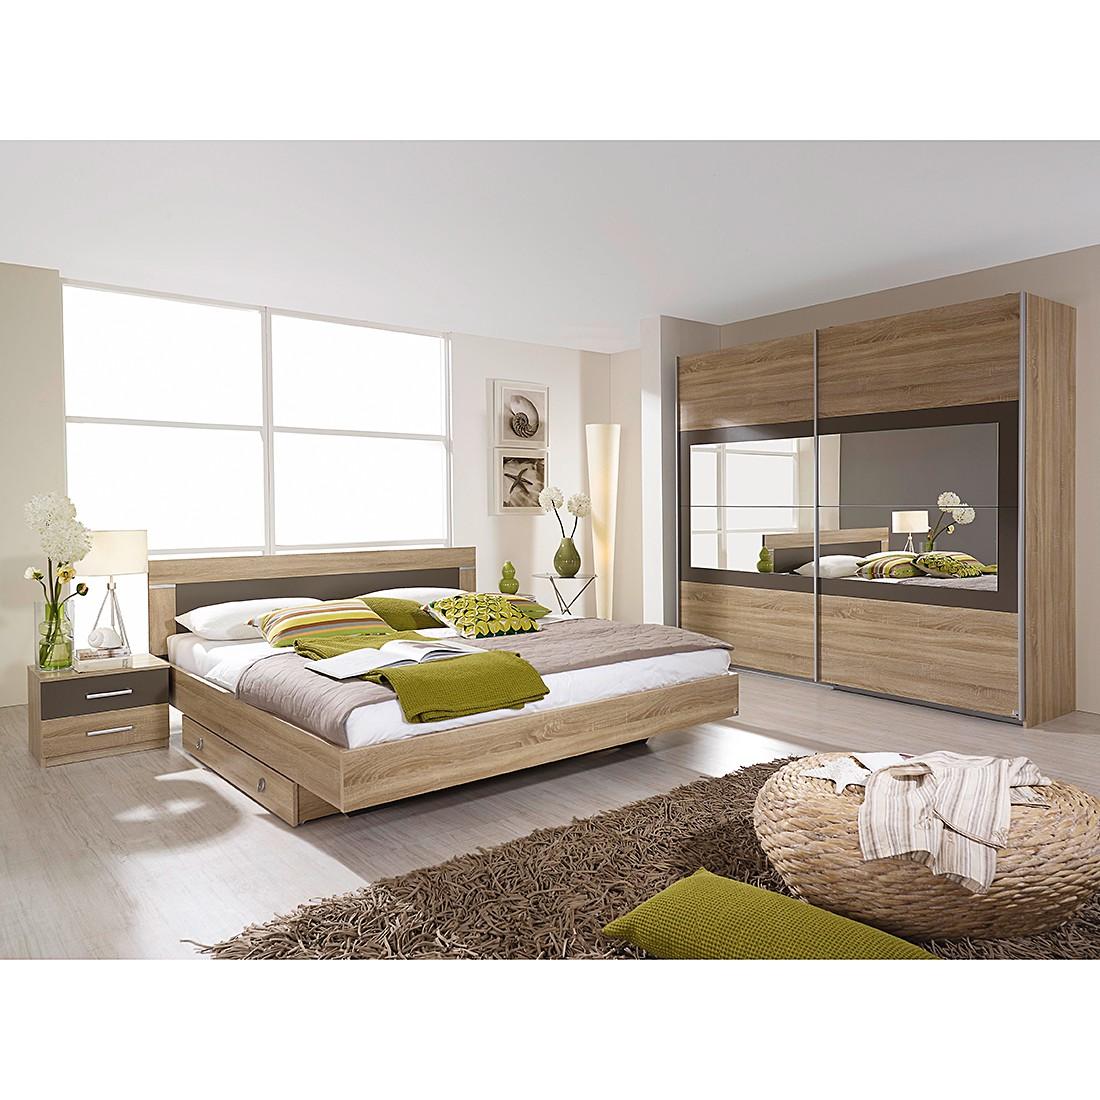 Schlafzimmerset Venlo (4-teilig) - Eiche Sonoma Dekor ...